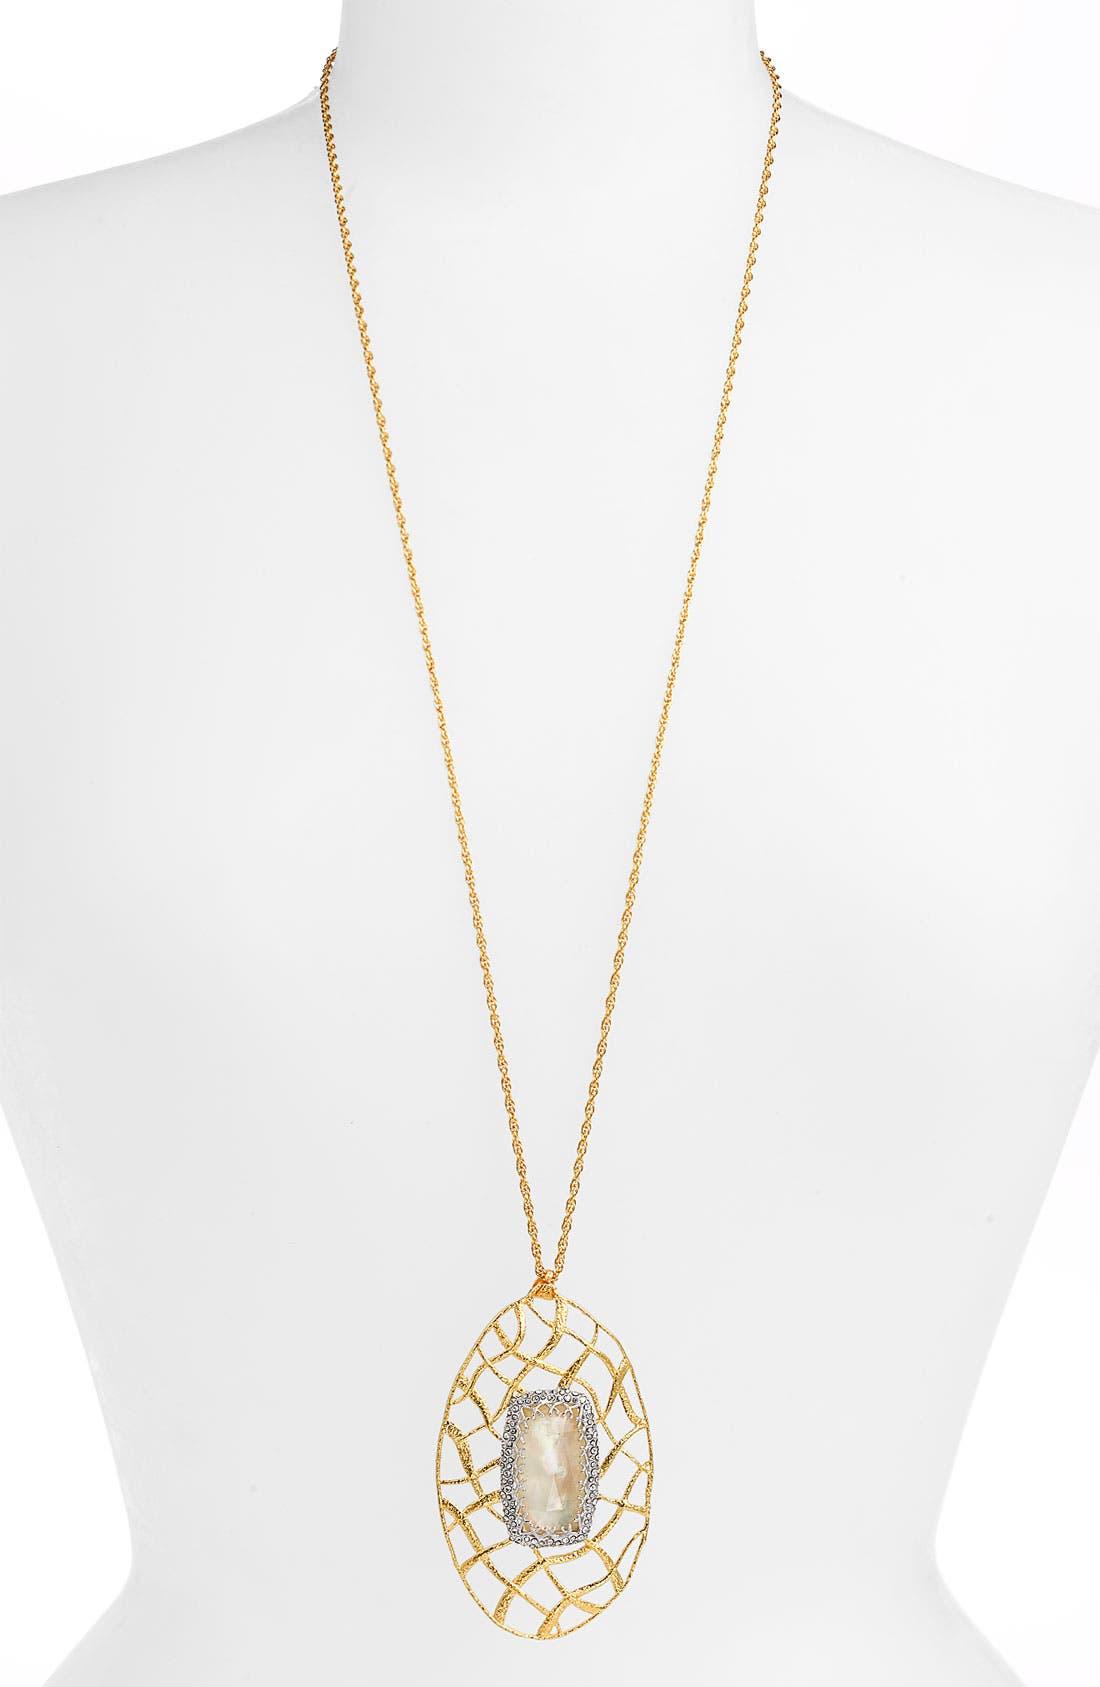 Main Image - Alexis Bittar 'Elements' Pavé Accent Long Pendant Necklace (Nordstrom Exclusive)